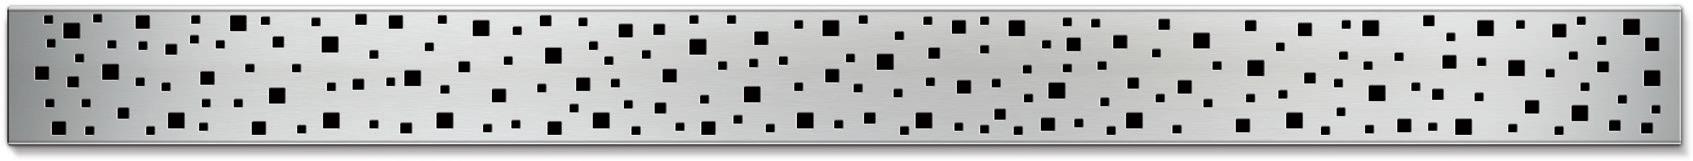 Водоотводящие желоба для монтажа к стене - square-reshetka-glyanets - miroslav-chudej-s-r-o - 350-x-415 - 1-2 - 1 - 200 - czech-republic